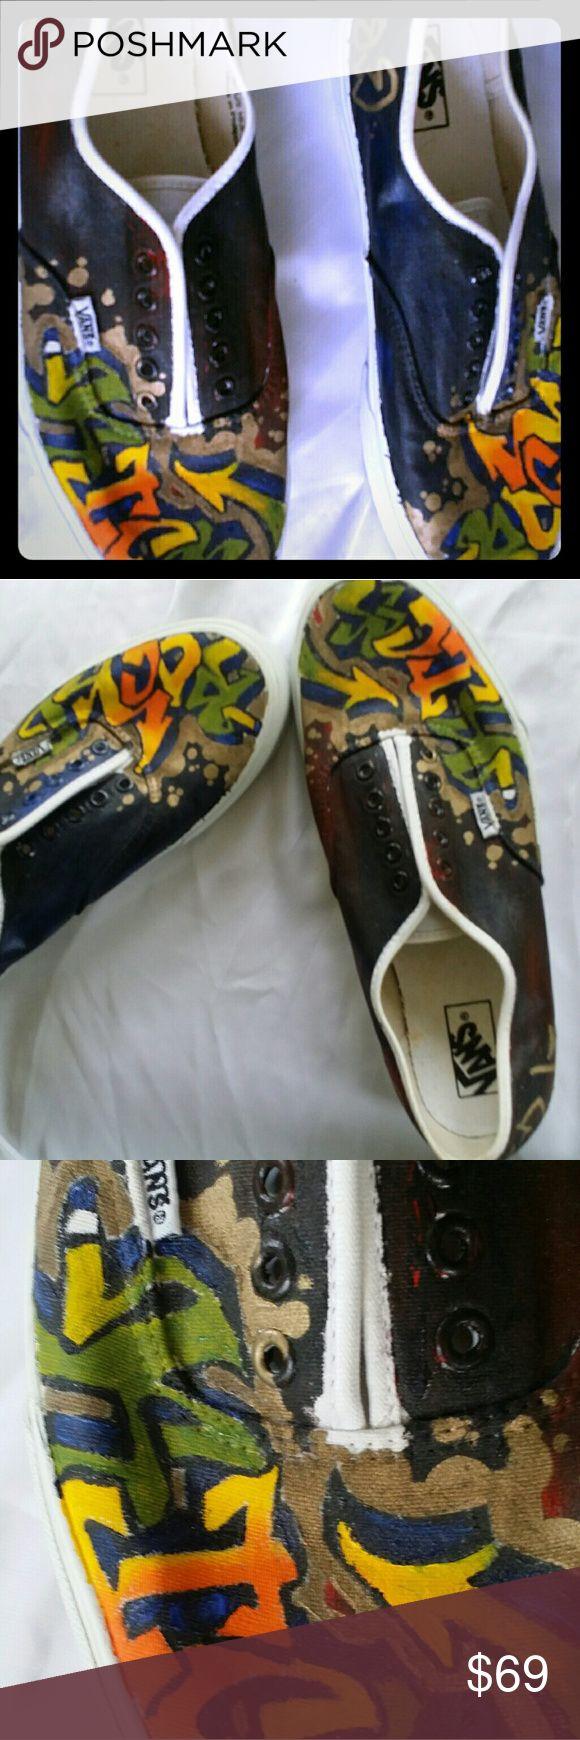 CUSTOM HANDPAINTED VANS Look new. Need shoe strings. CUSTOM on the go vans  for men. Vans Shoes Sneakers